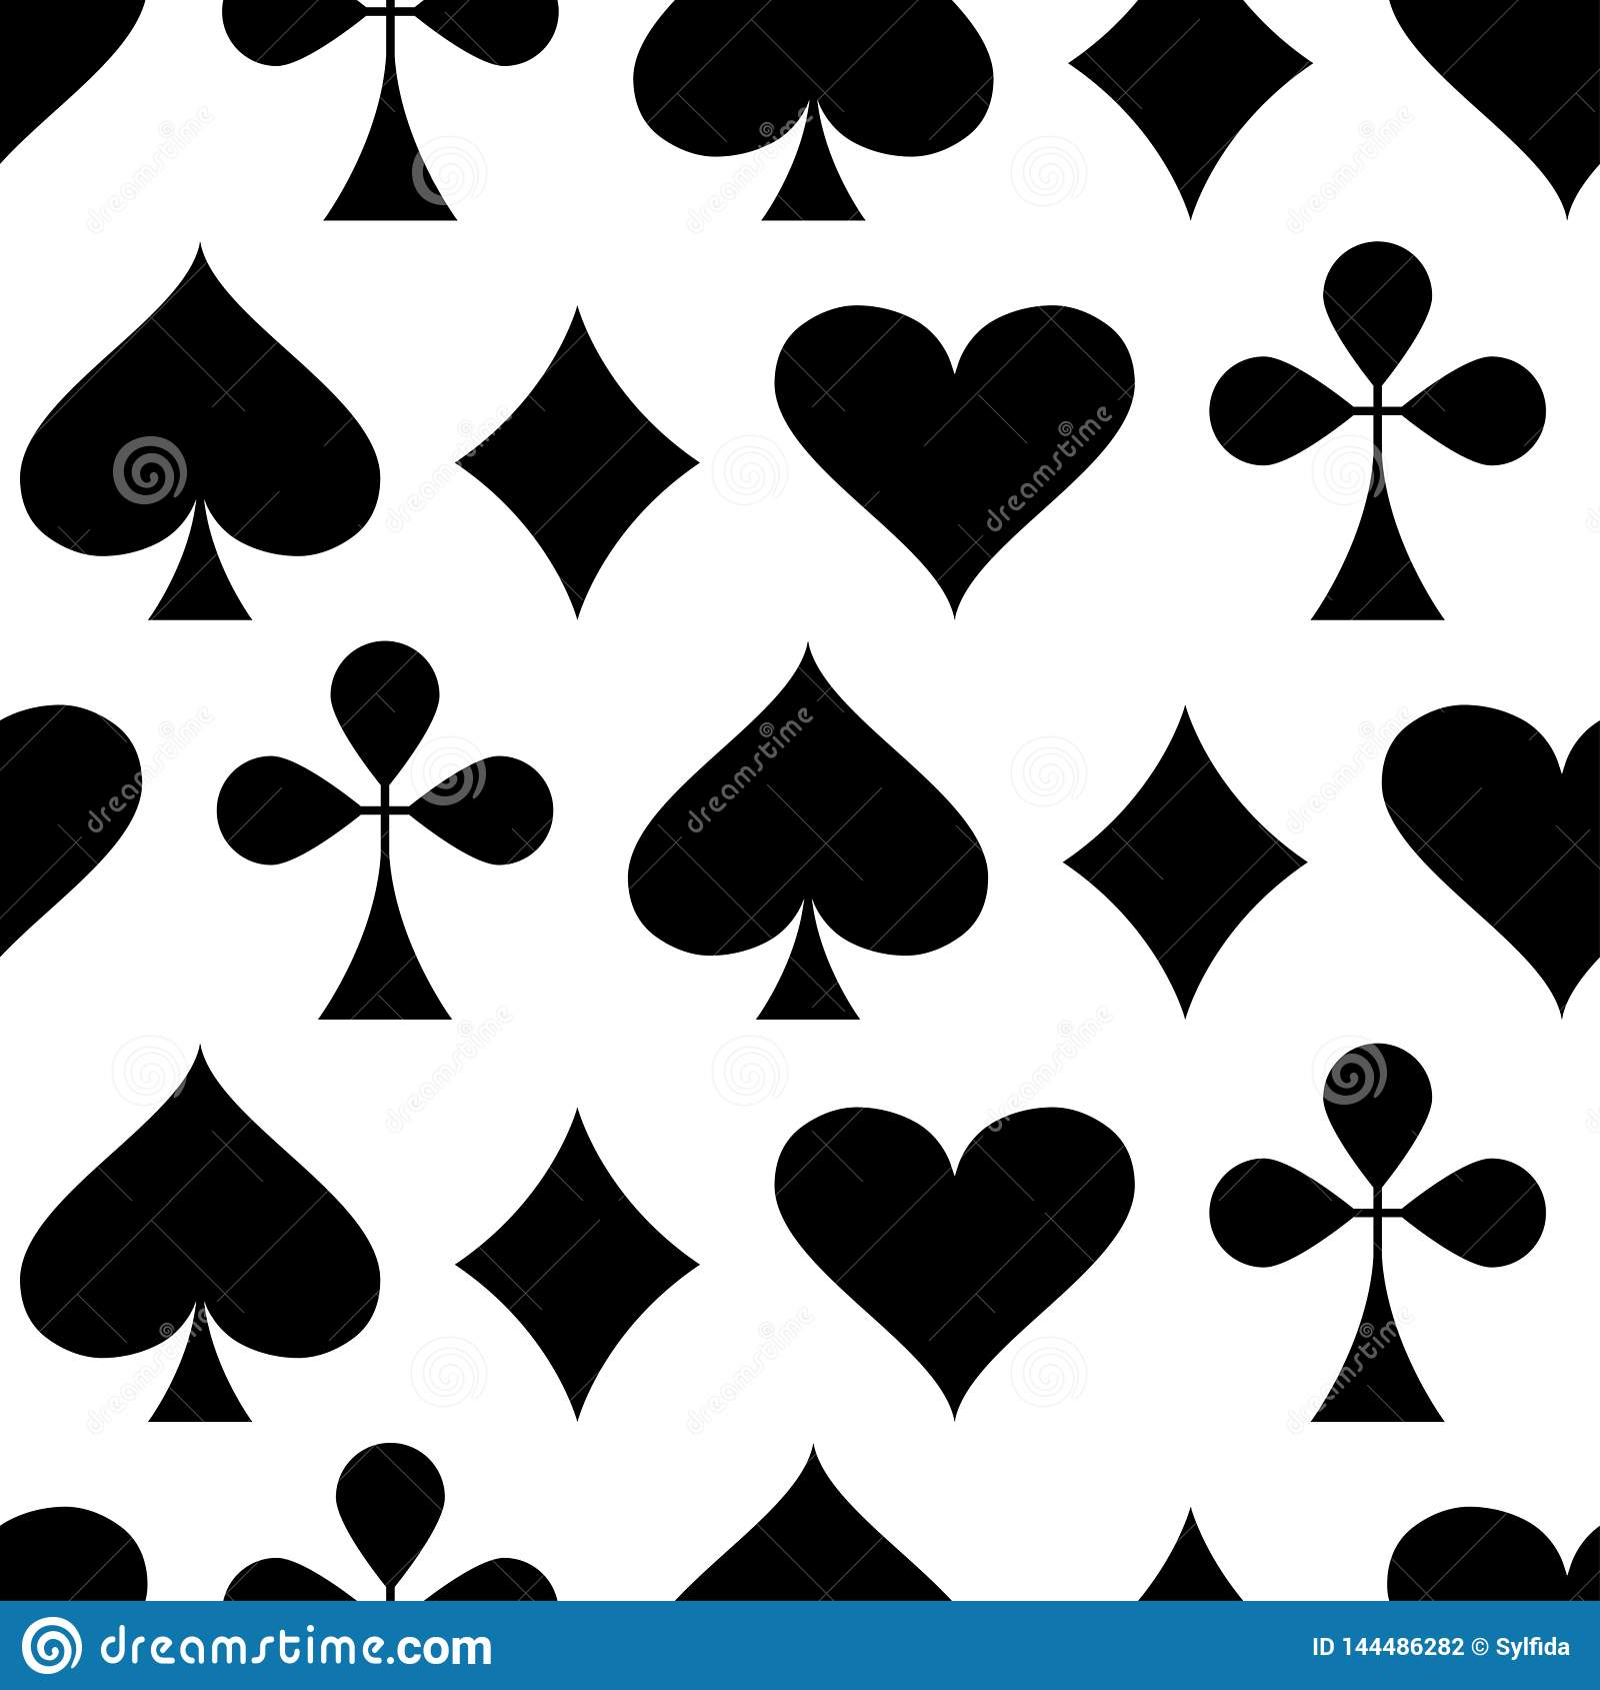 Kasino-spielendes Thema Nahtloses Muster mit Spielkarteklagen Pokerkartenklagen - Herzen, Clubs, Spaten und Diamanten Vektor